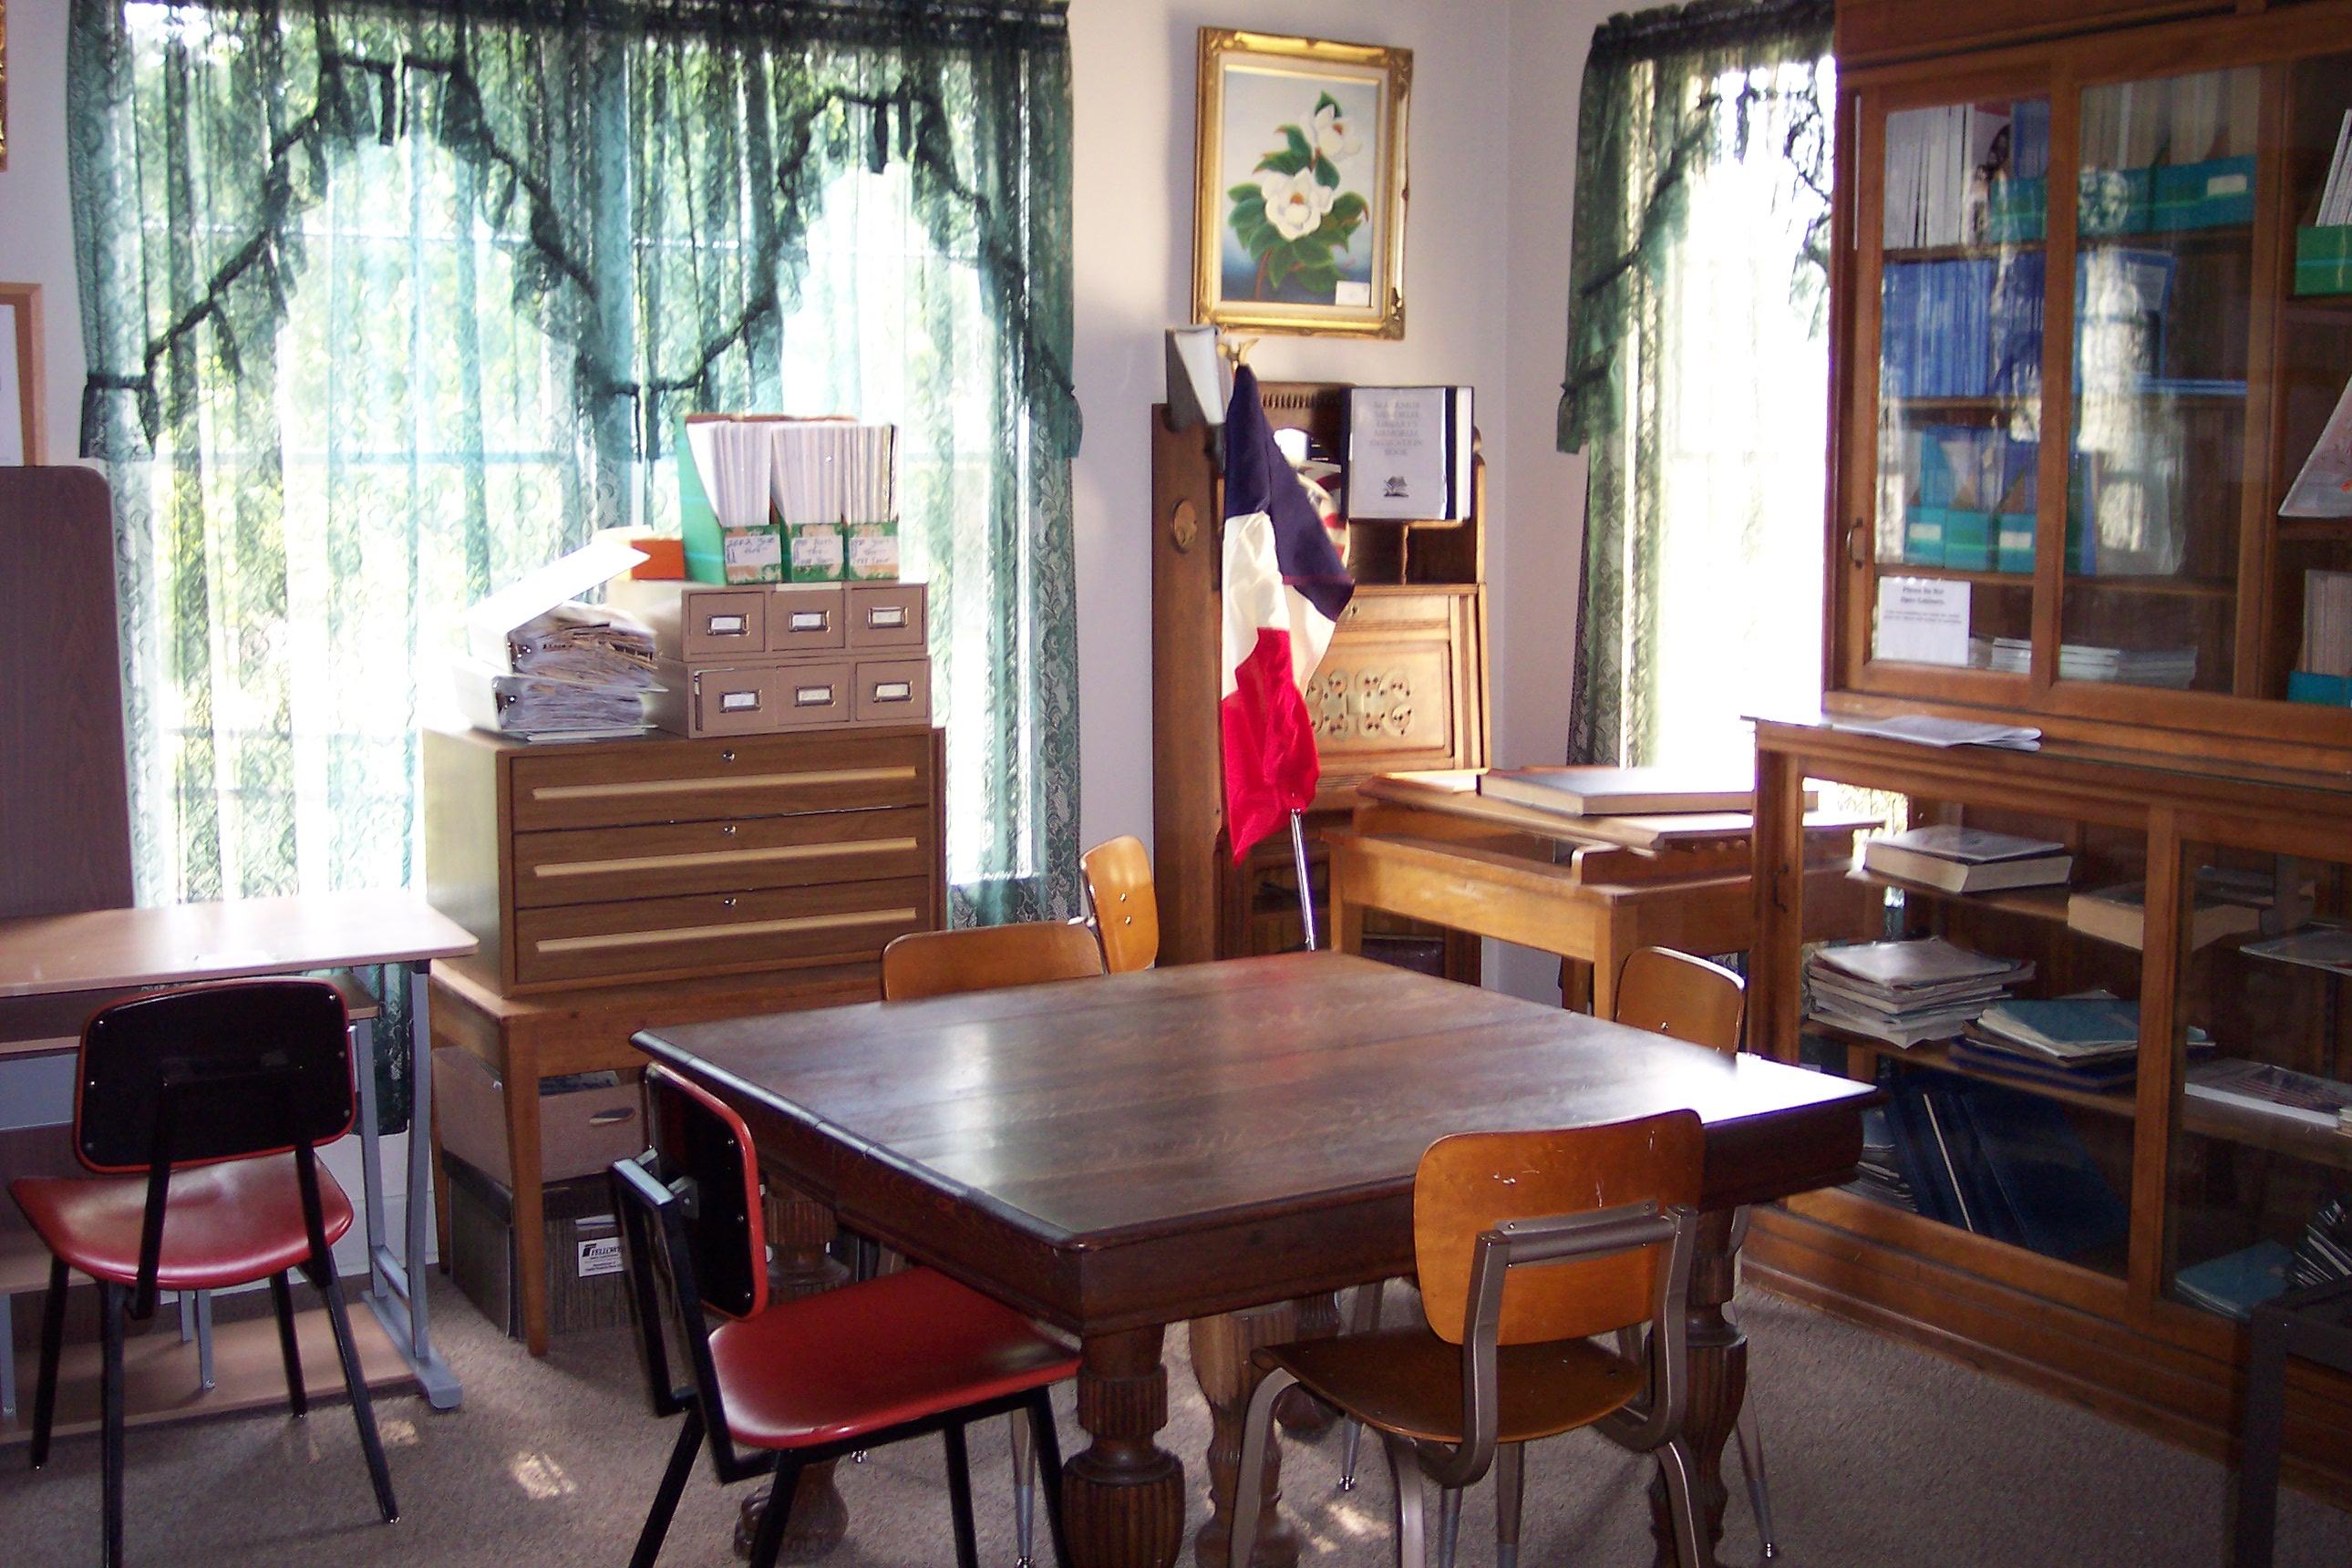 Mississippi Room